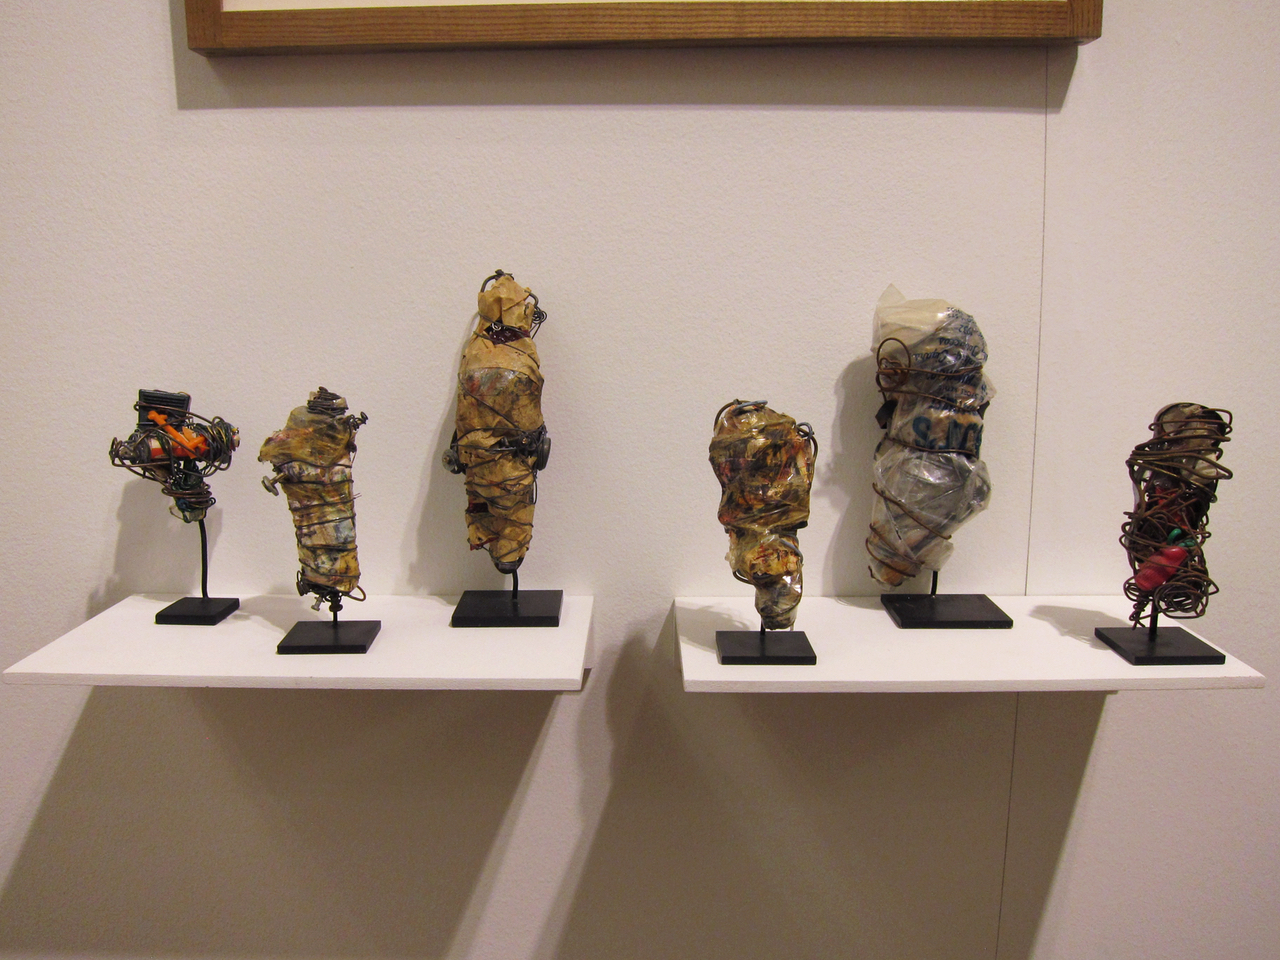 Sculptures by Philadelphia Wireman at Fleisher Ollman